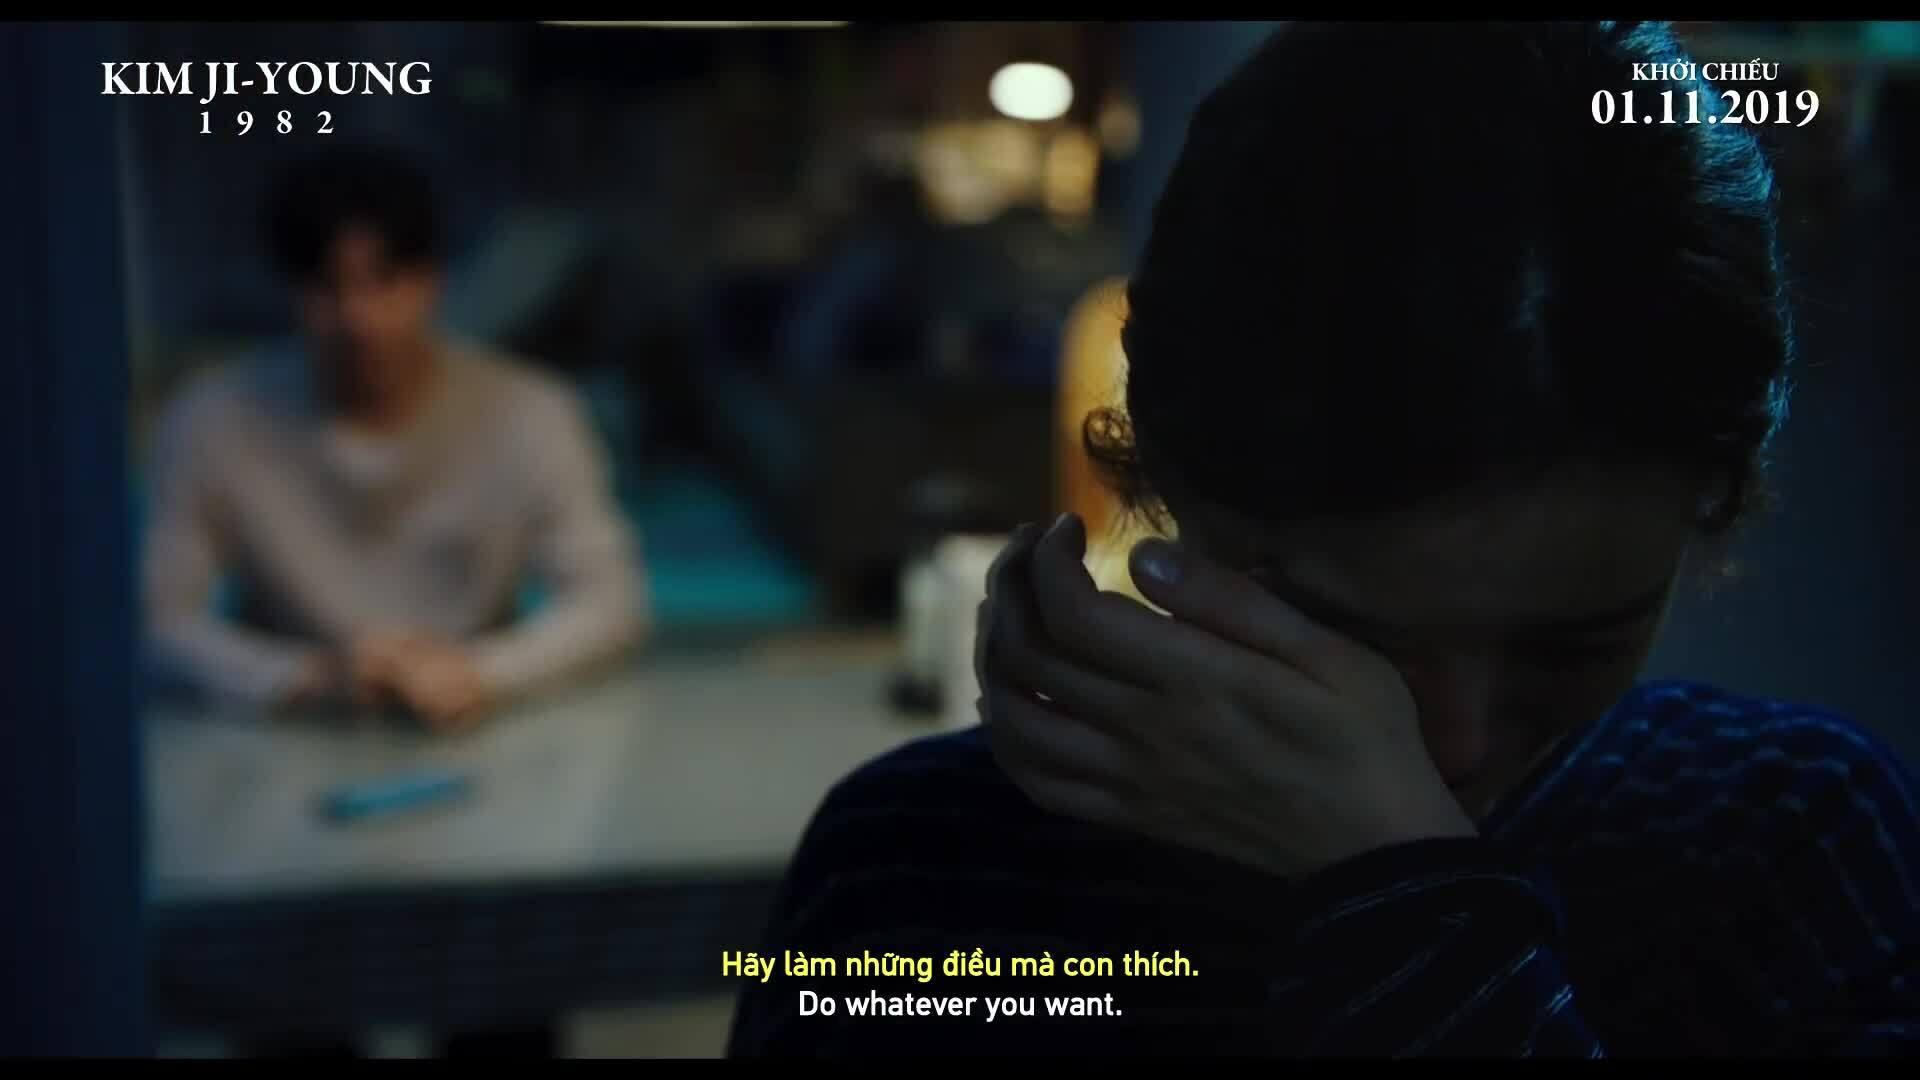 Kim Ji Young 1982 Trailer